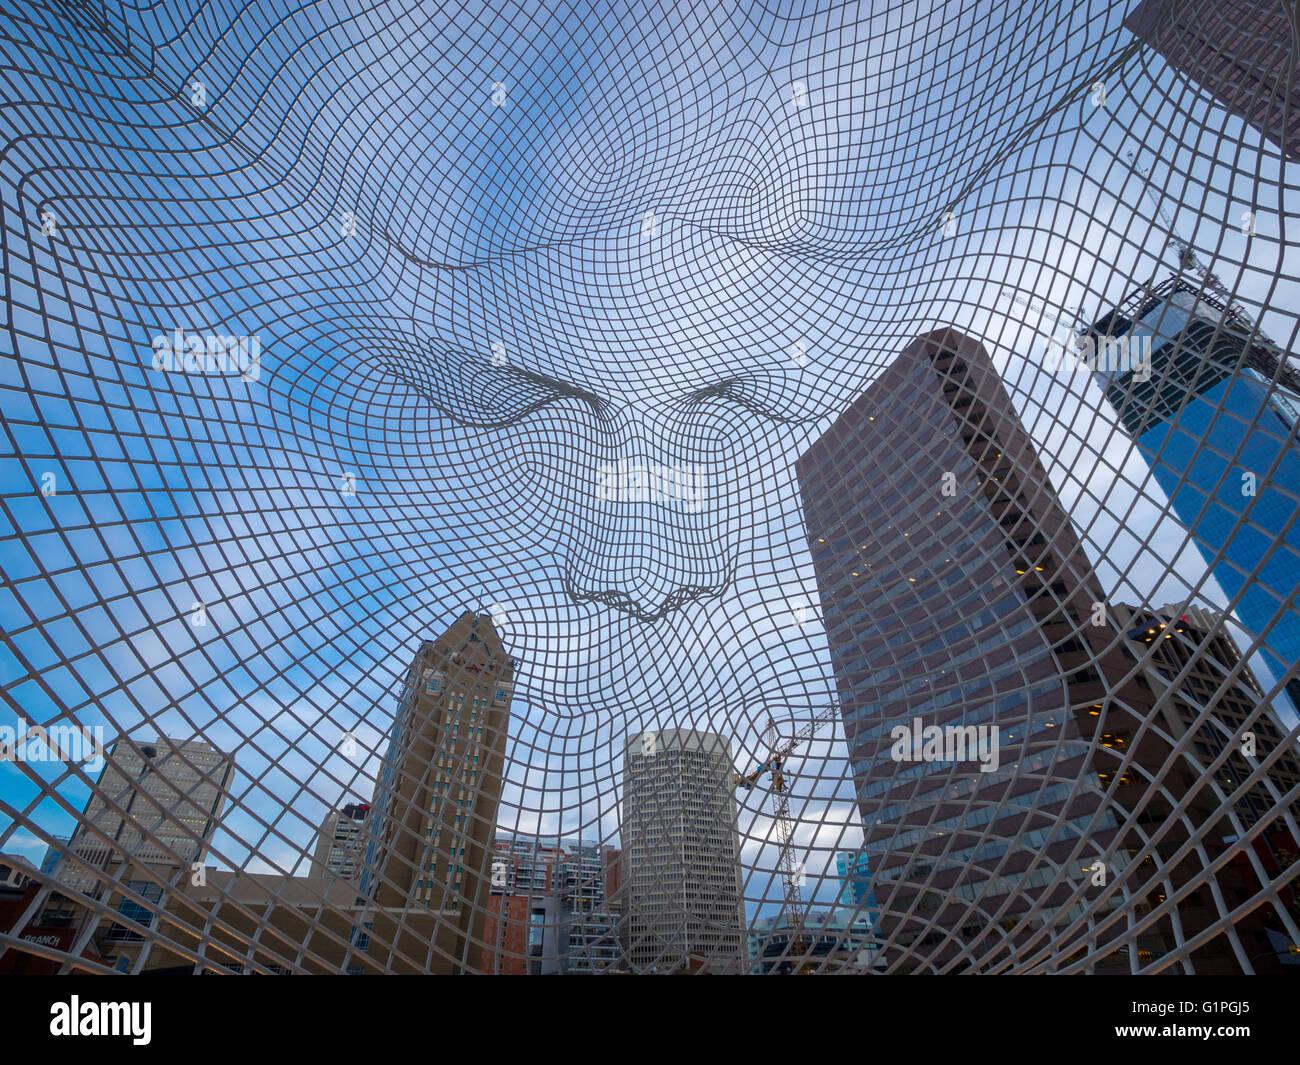 Die Innenstadt von Calgary, Alberta, Kanada, Skulptur Wolkenkratzer von innerhalb Jaume Plensas Wunderland gesehen. Stockbild